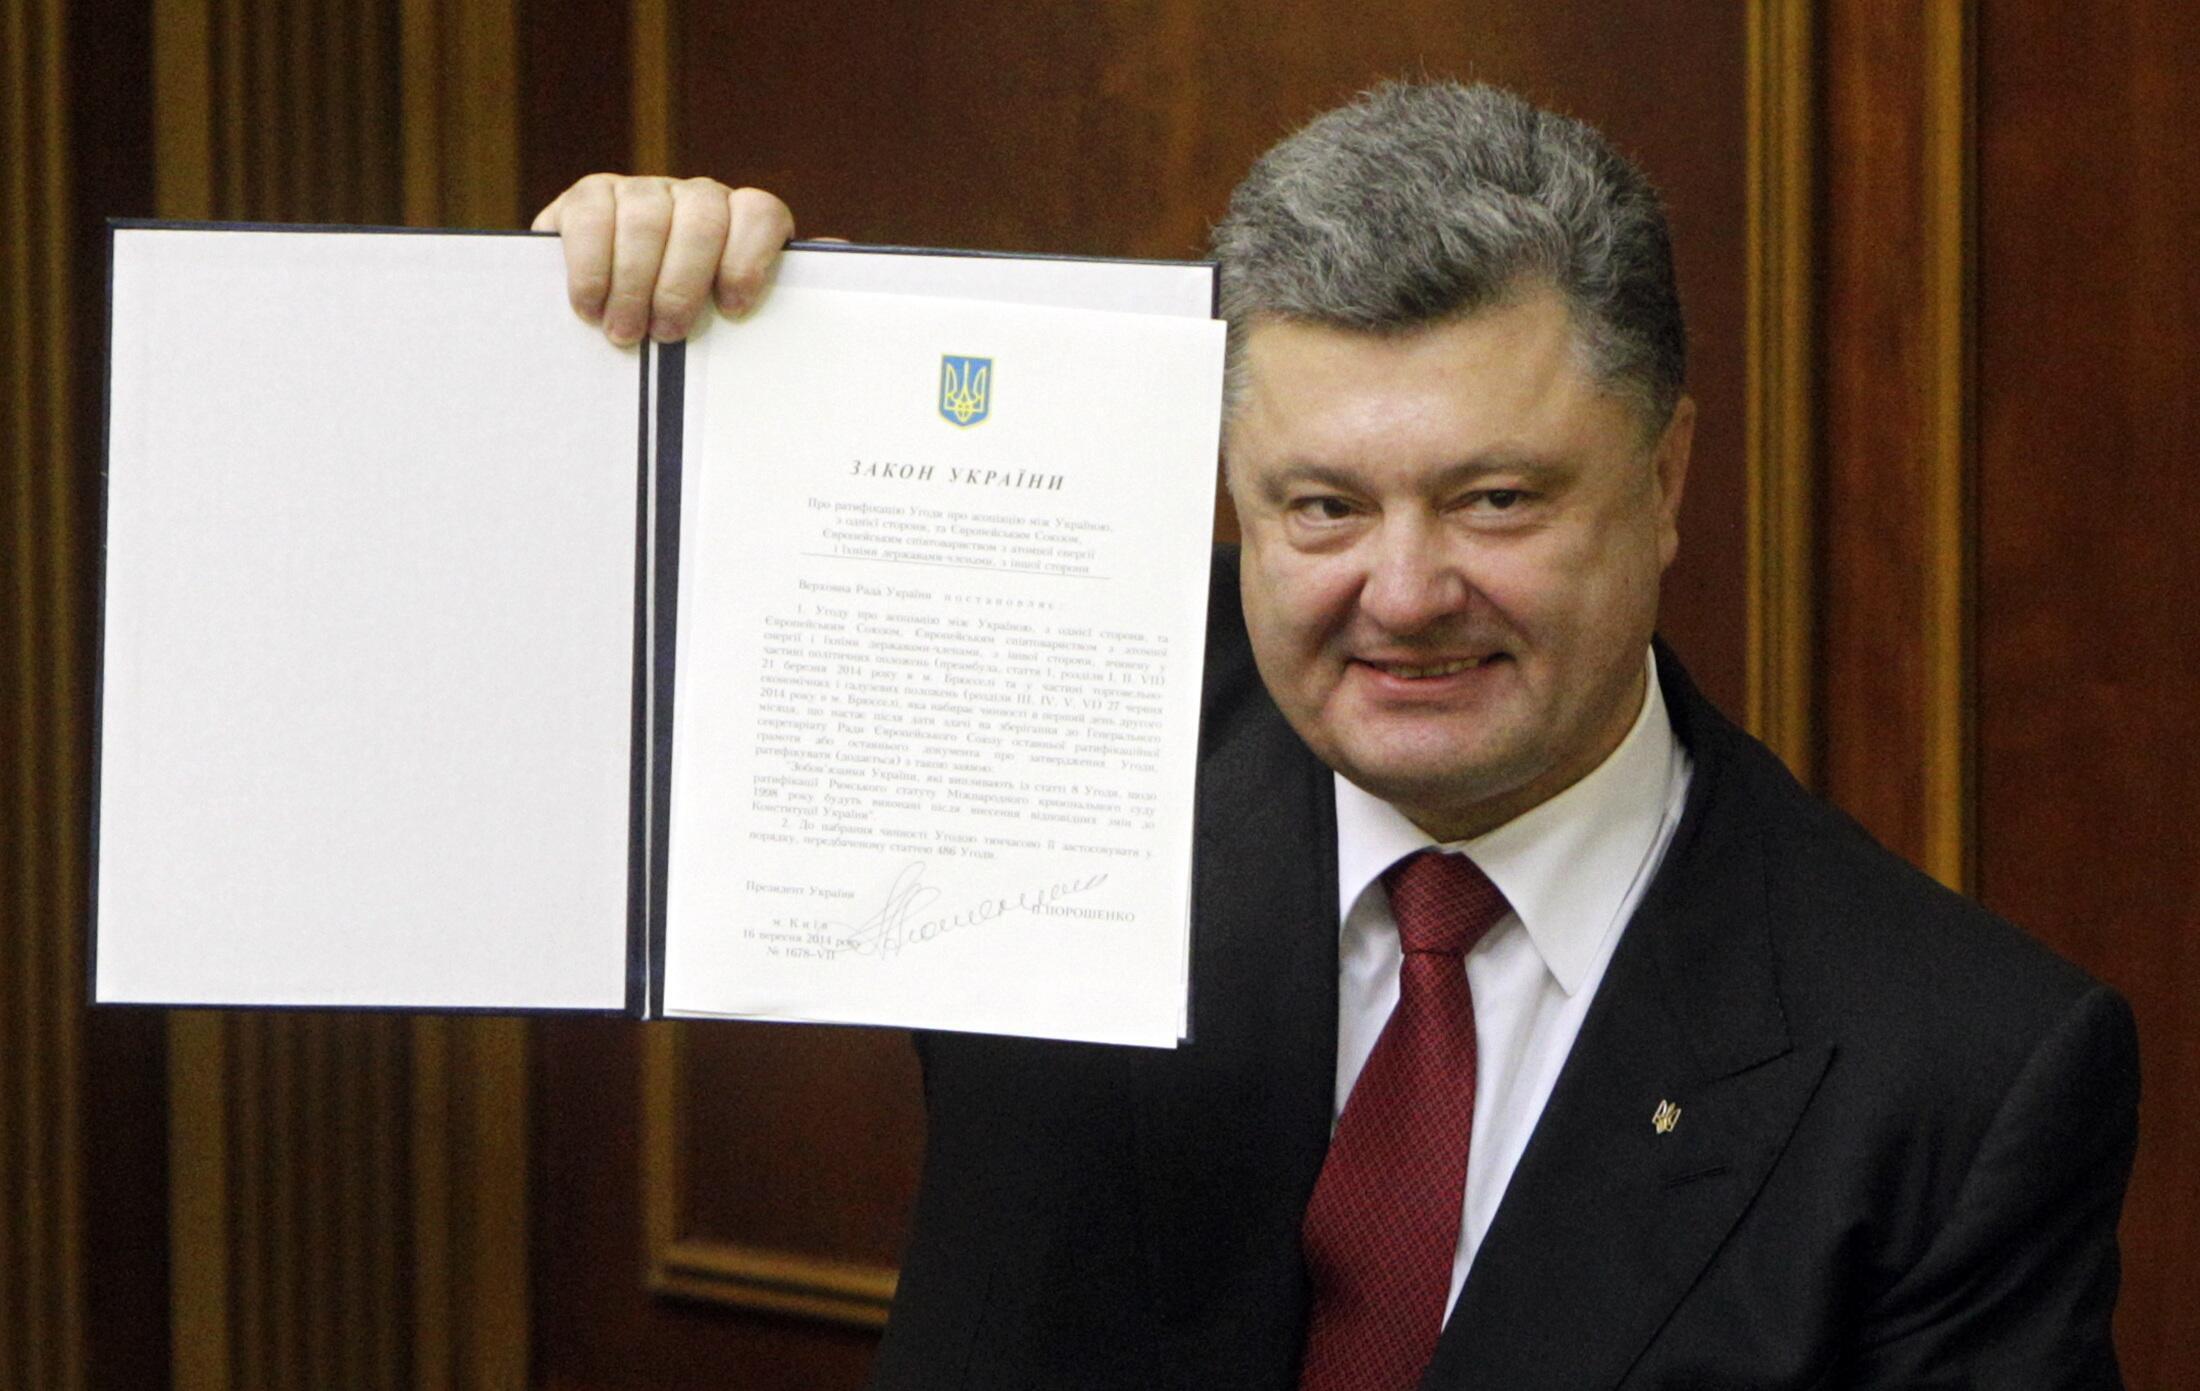 Президент Украины Петр Порошенко показывает подписанное СА с Евросоюзом в Верховной Раде. Киев, 16 сентябра, 2014